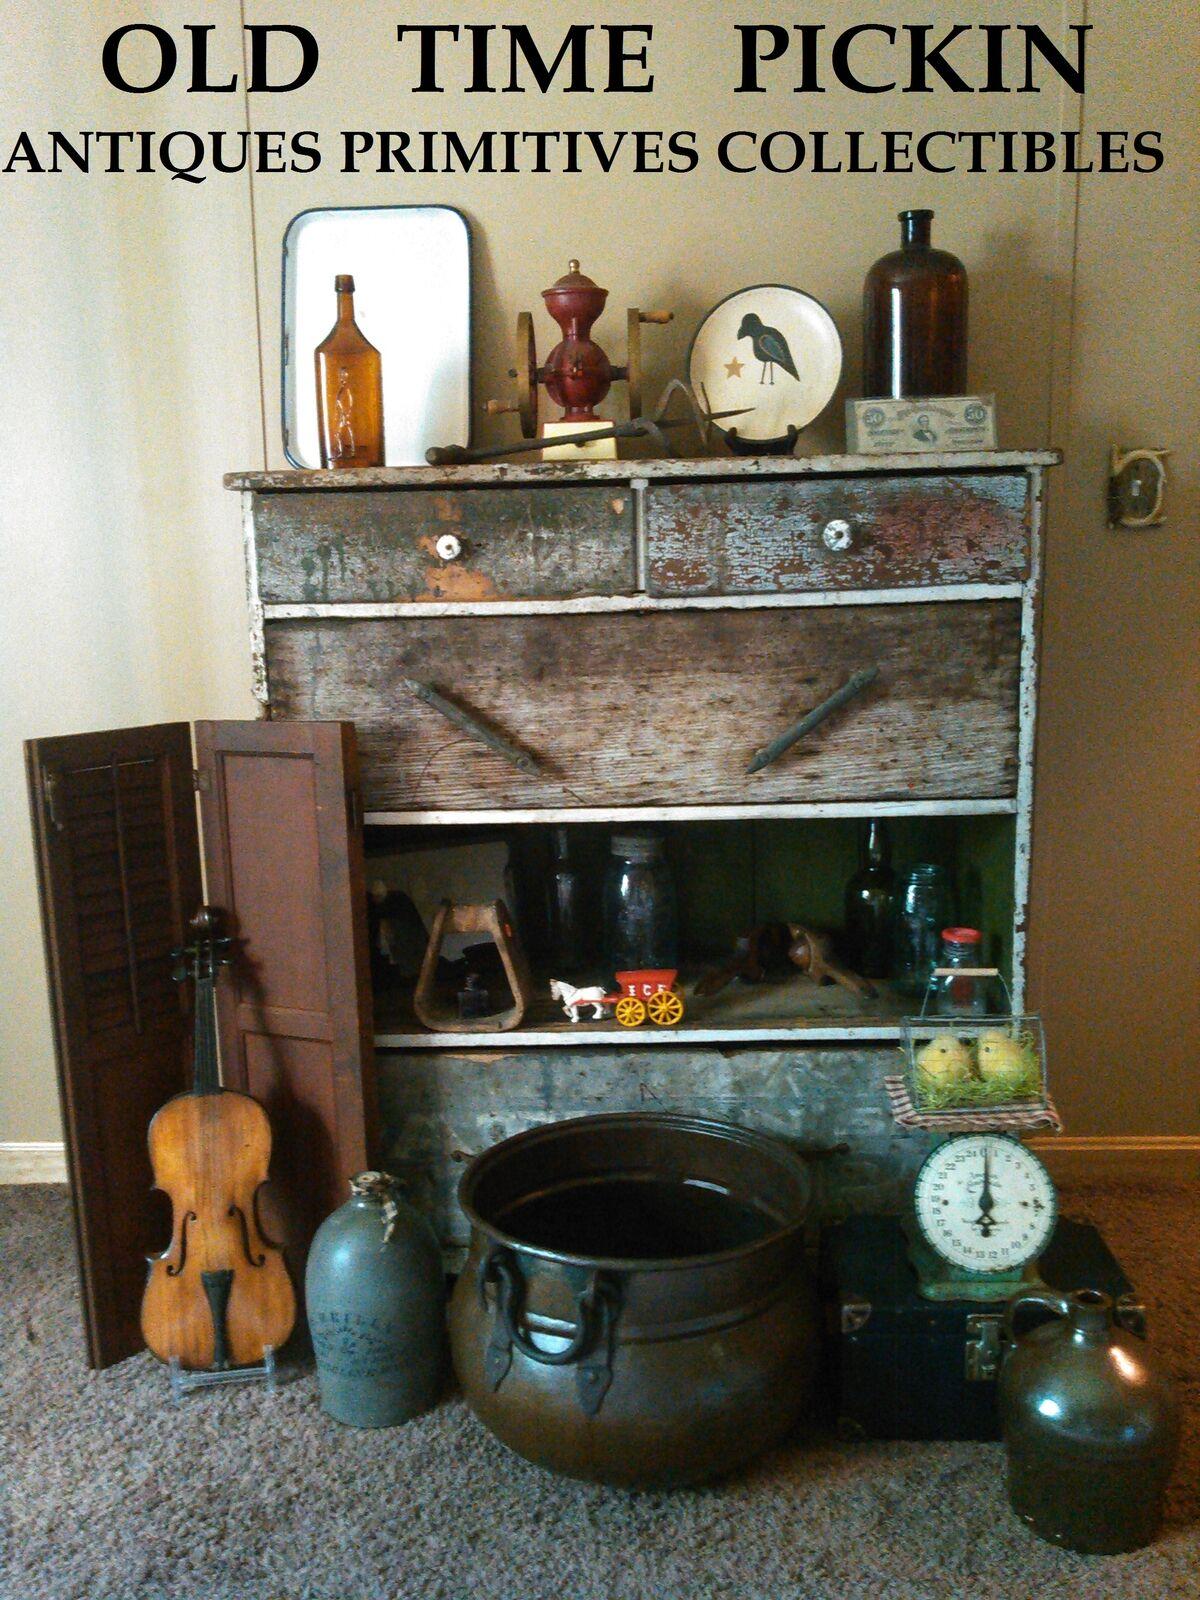 Old Time Pickin Antiques Primitives